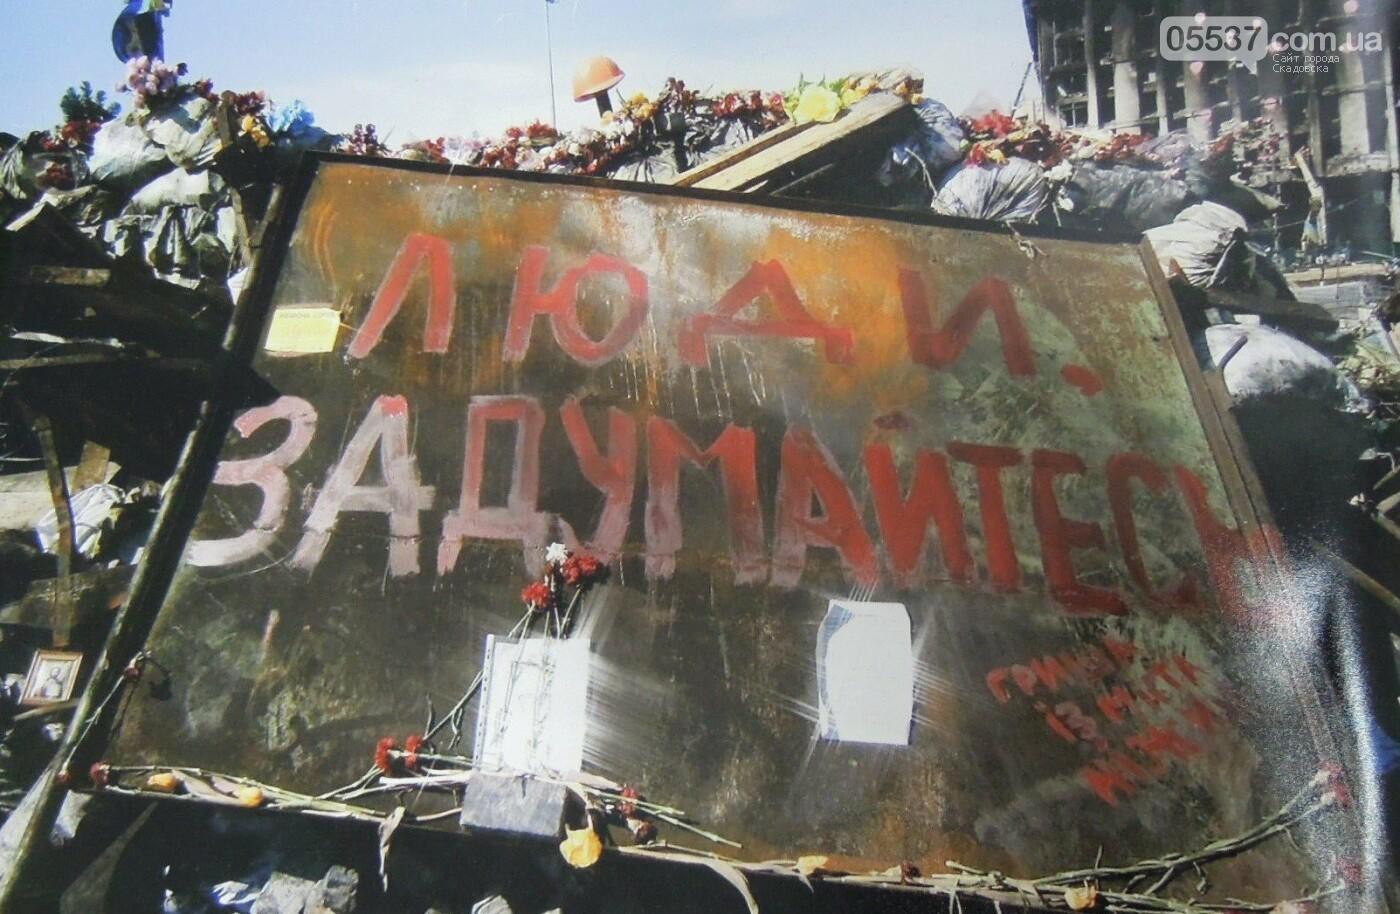 Как скадовчане участвовали в Революции Достоинства (ФОТО), фото-2